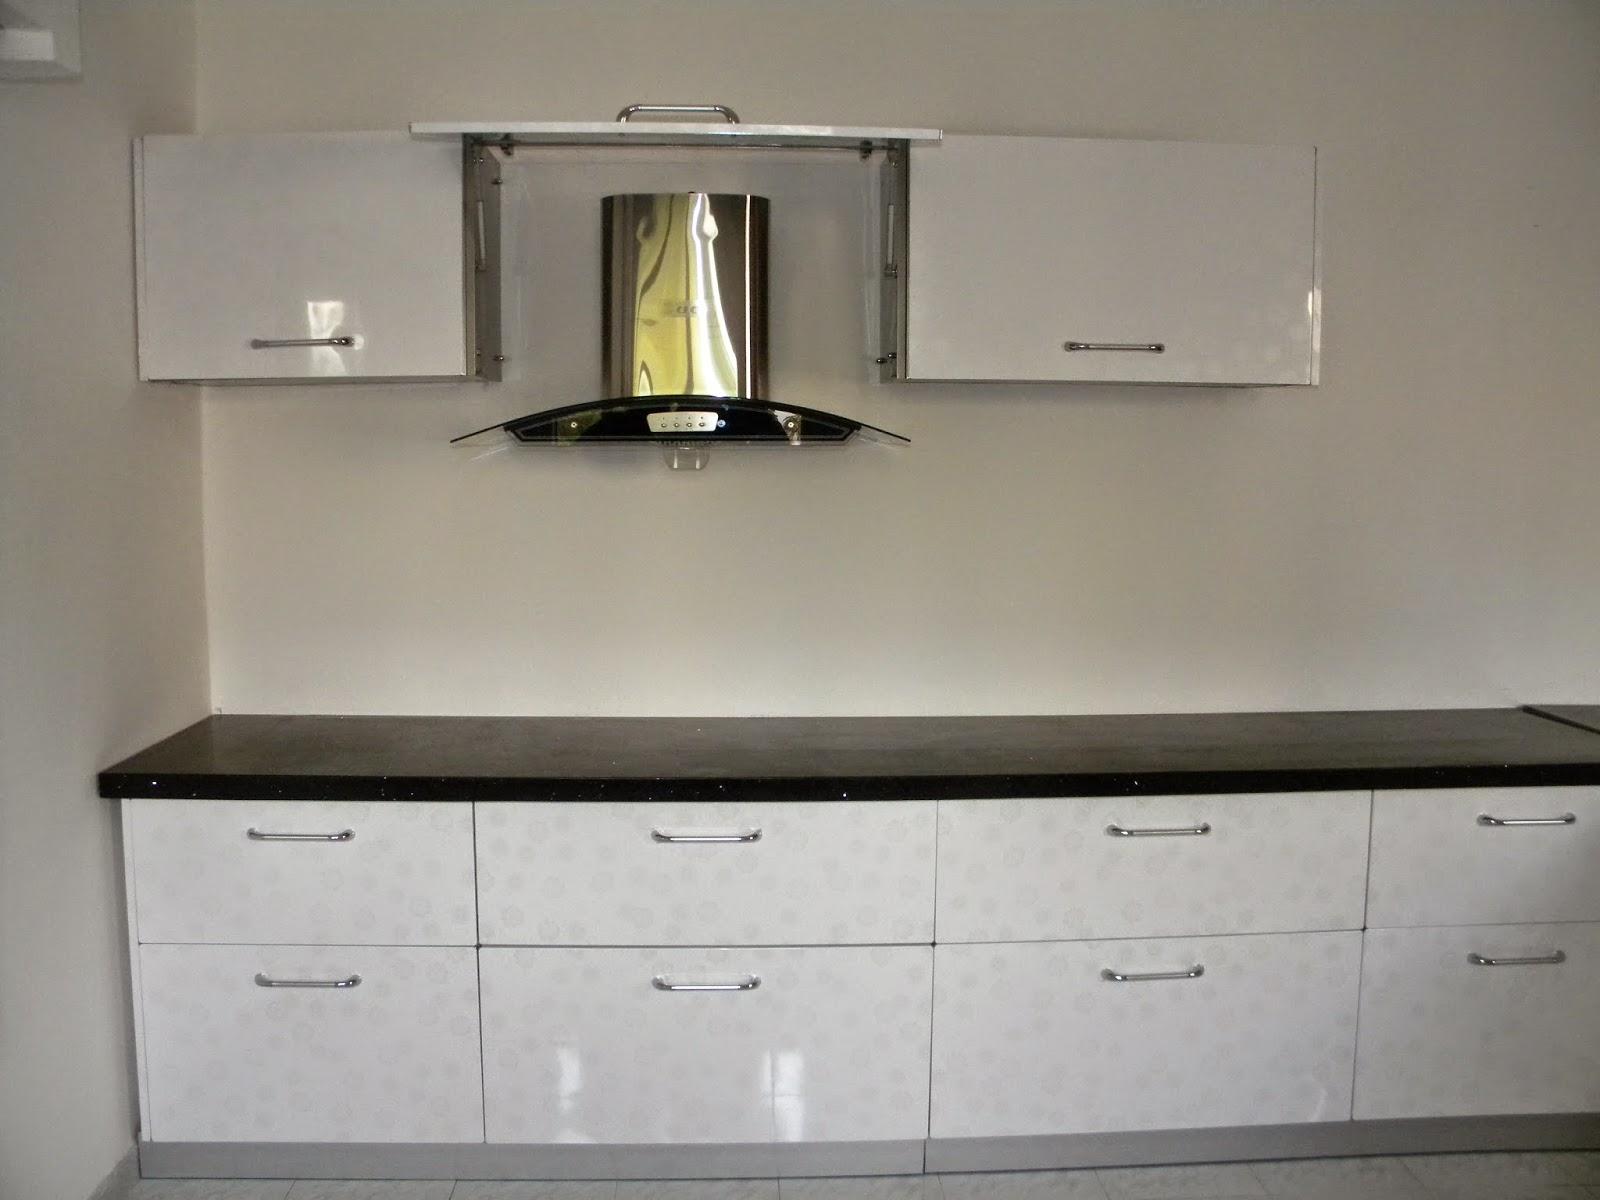 Meuble de cuisine vendre f cfa - Grand meuble de cuisine ...